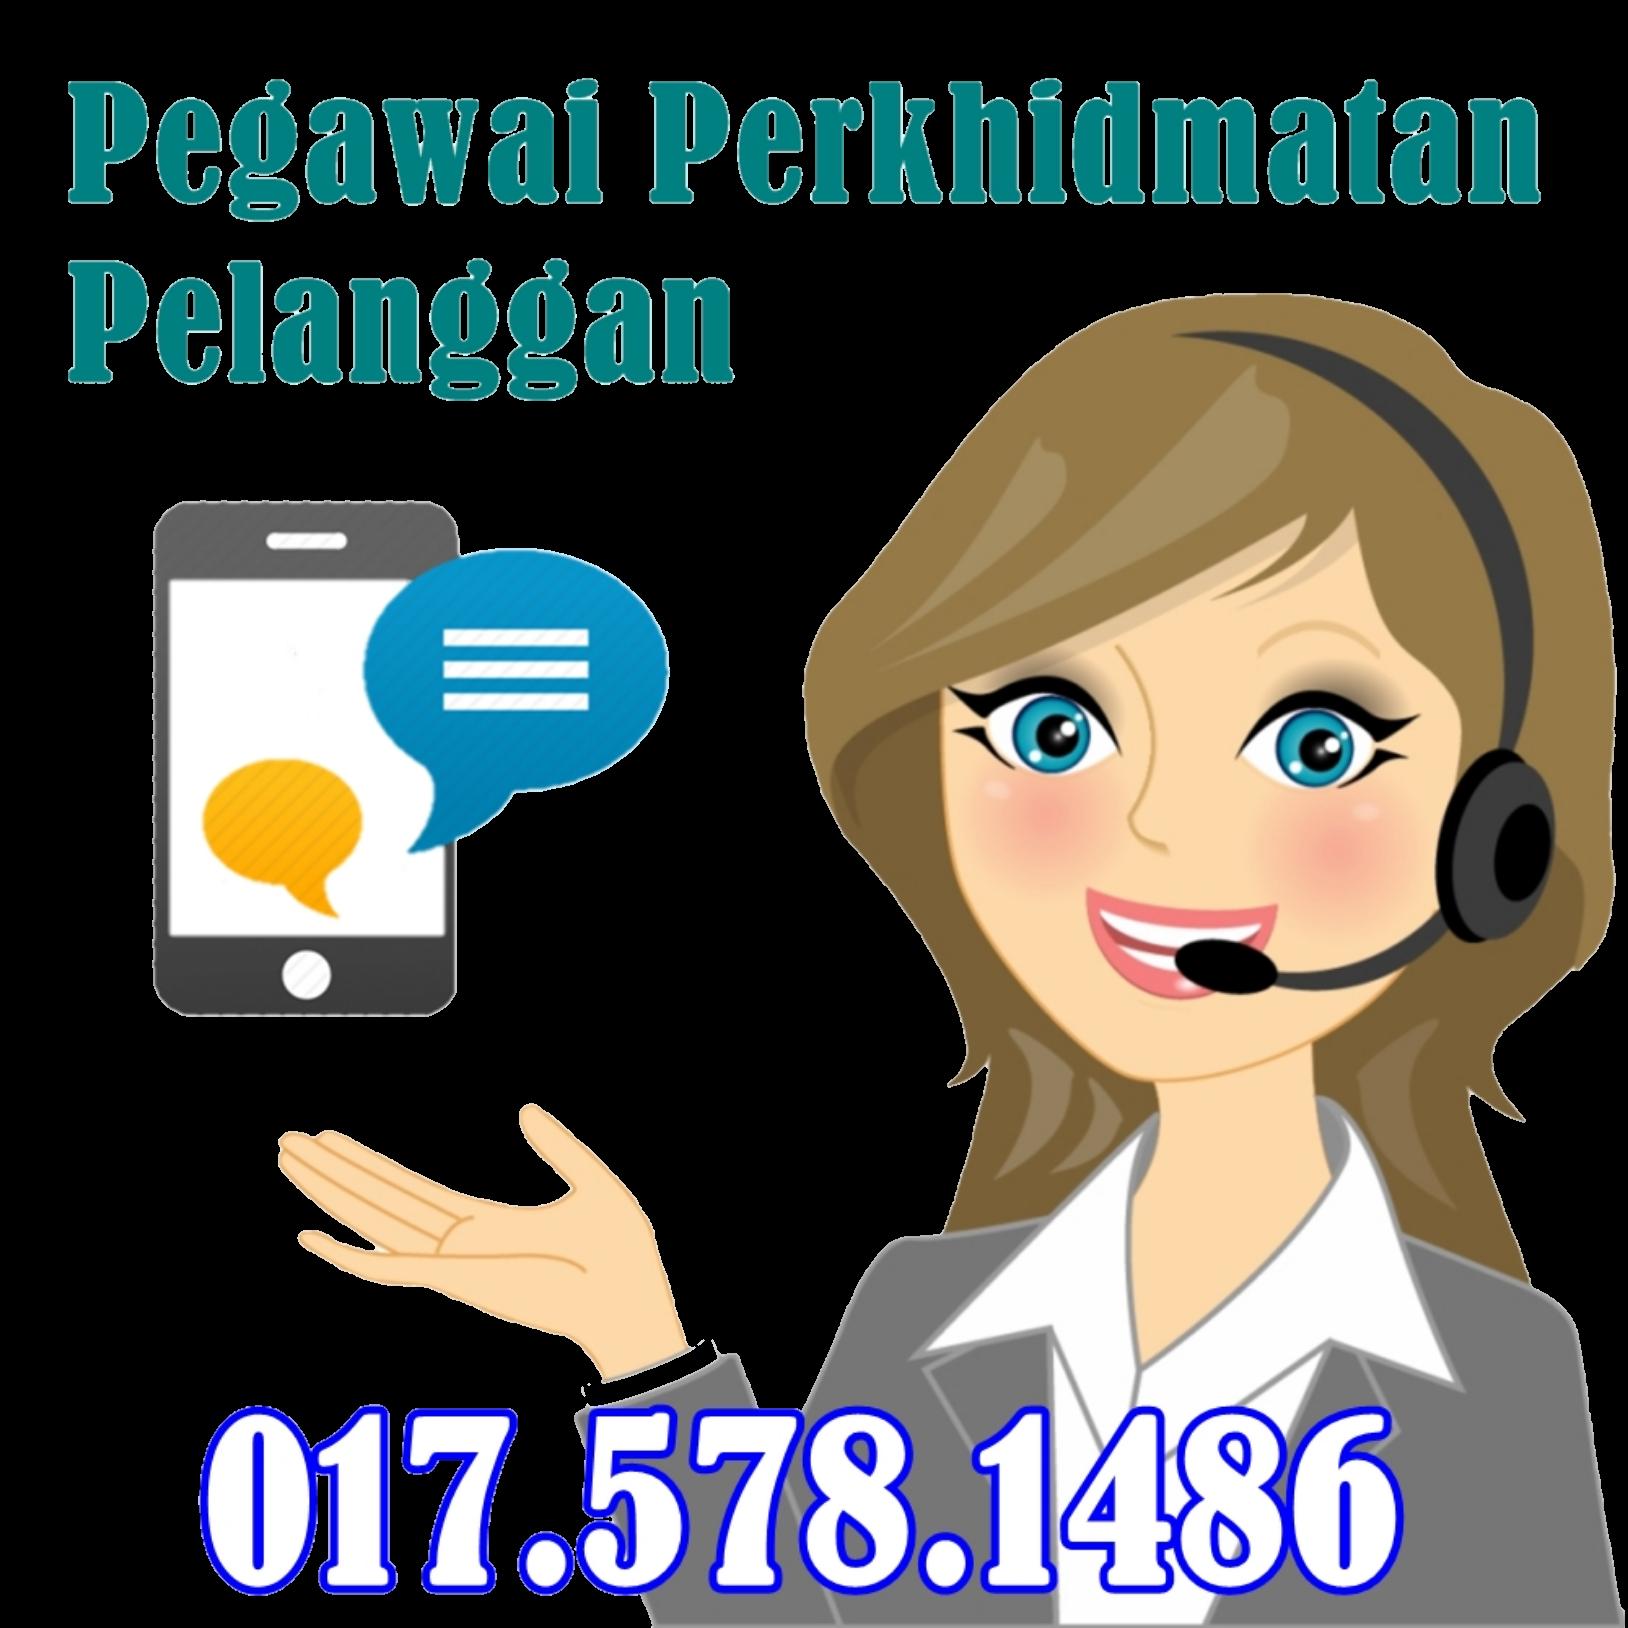 call pegawai perkhidmatan pelanggan kami di talian 0175781486